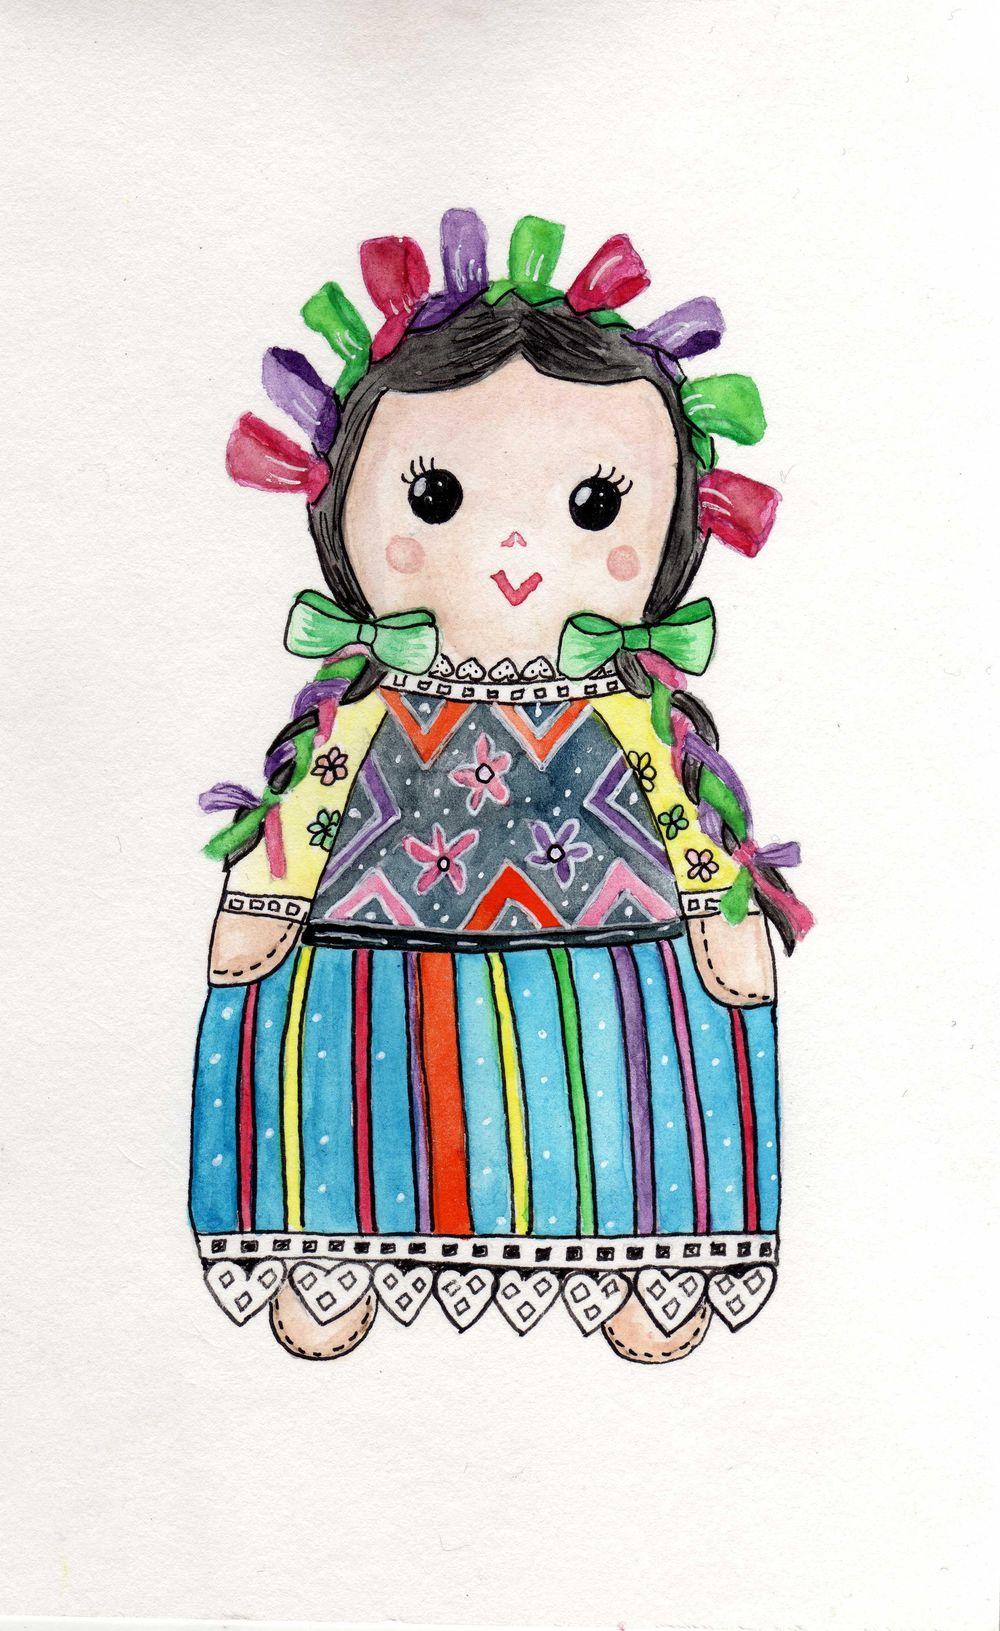 Mazahua doll - image 1 - student project